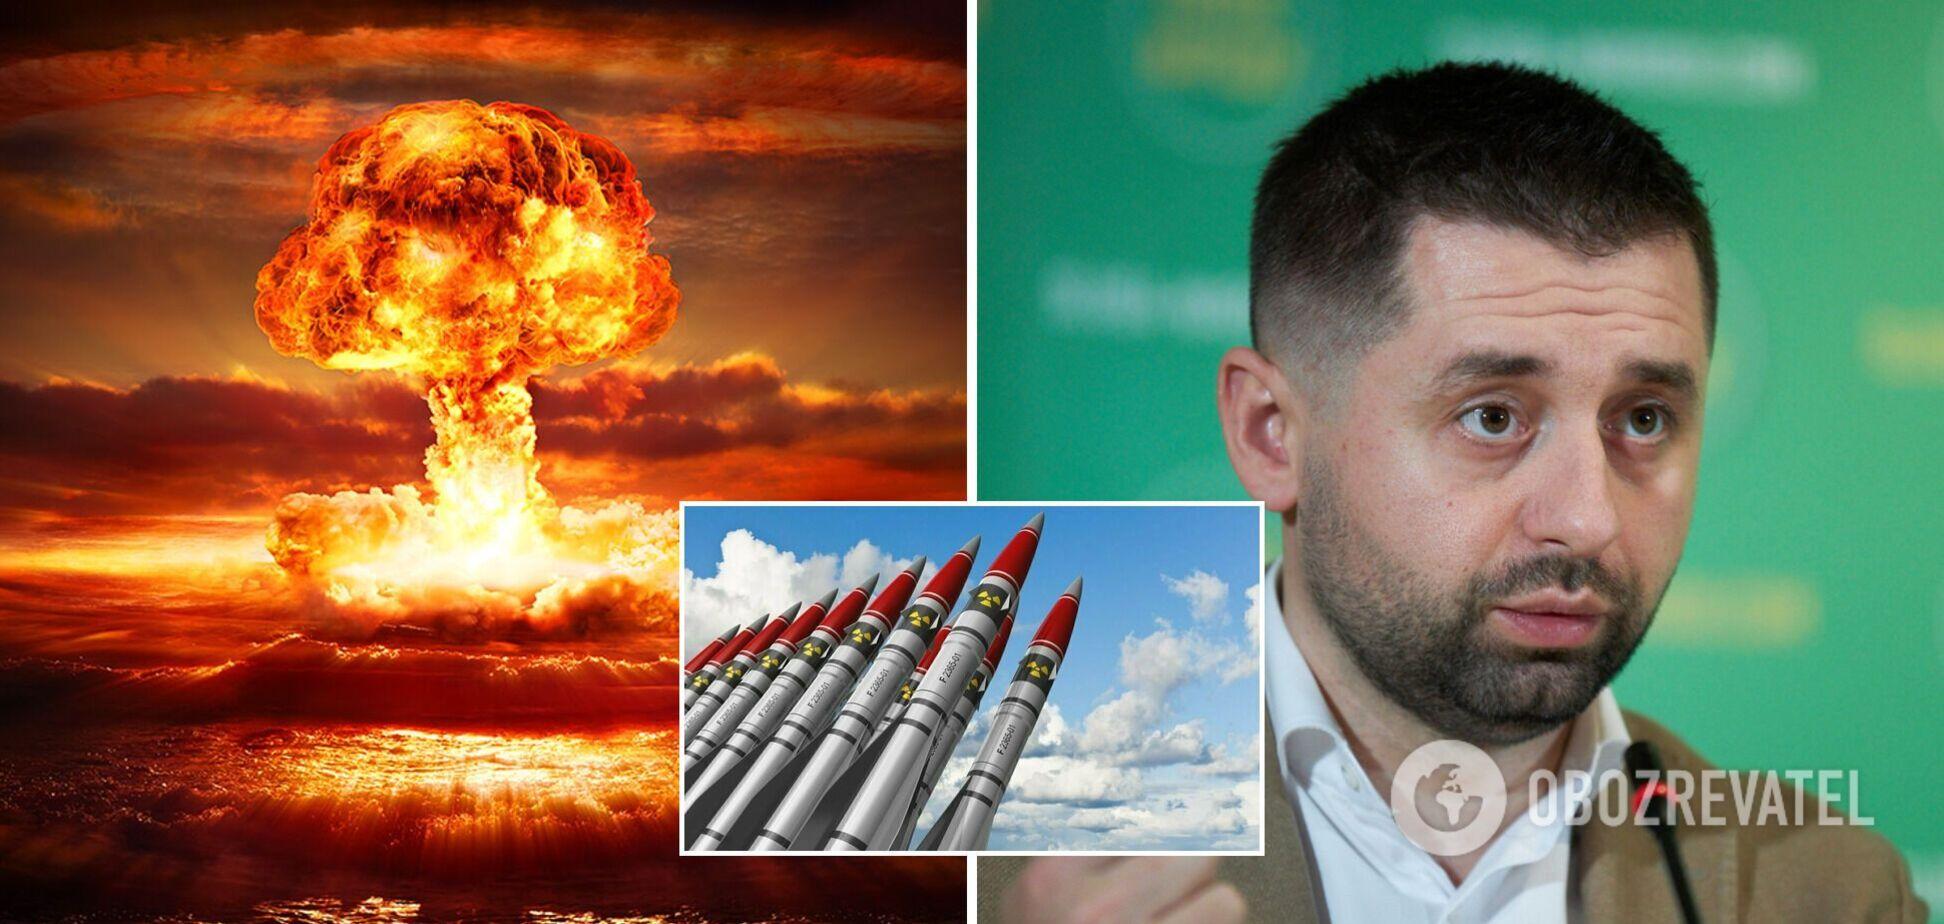 Арахамія хоче шантажувати світ. Чи може Україна повернути ядерну зброю і чим це обернеться?